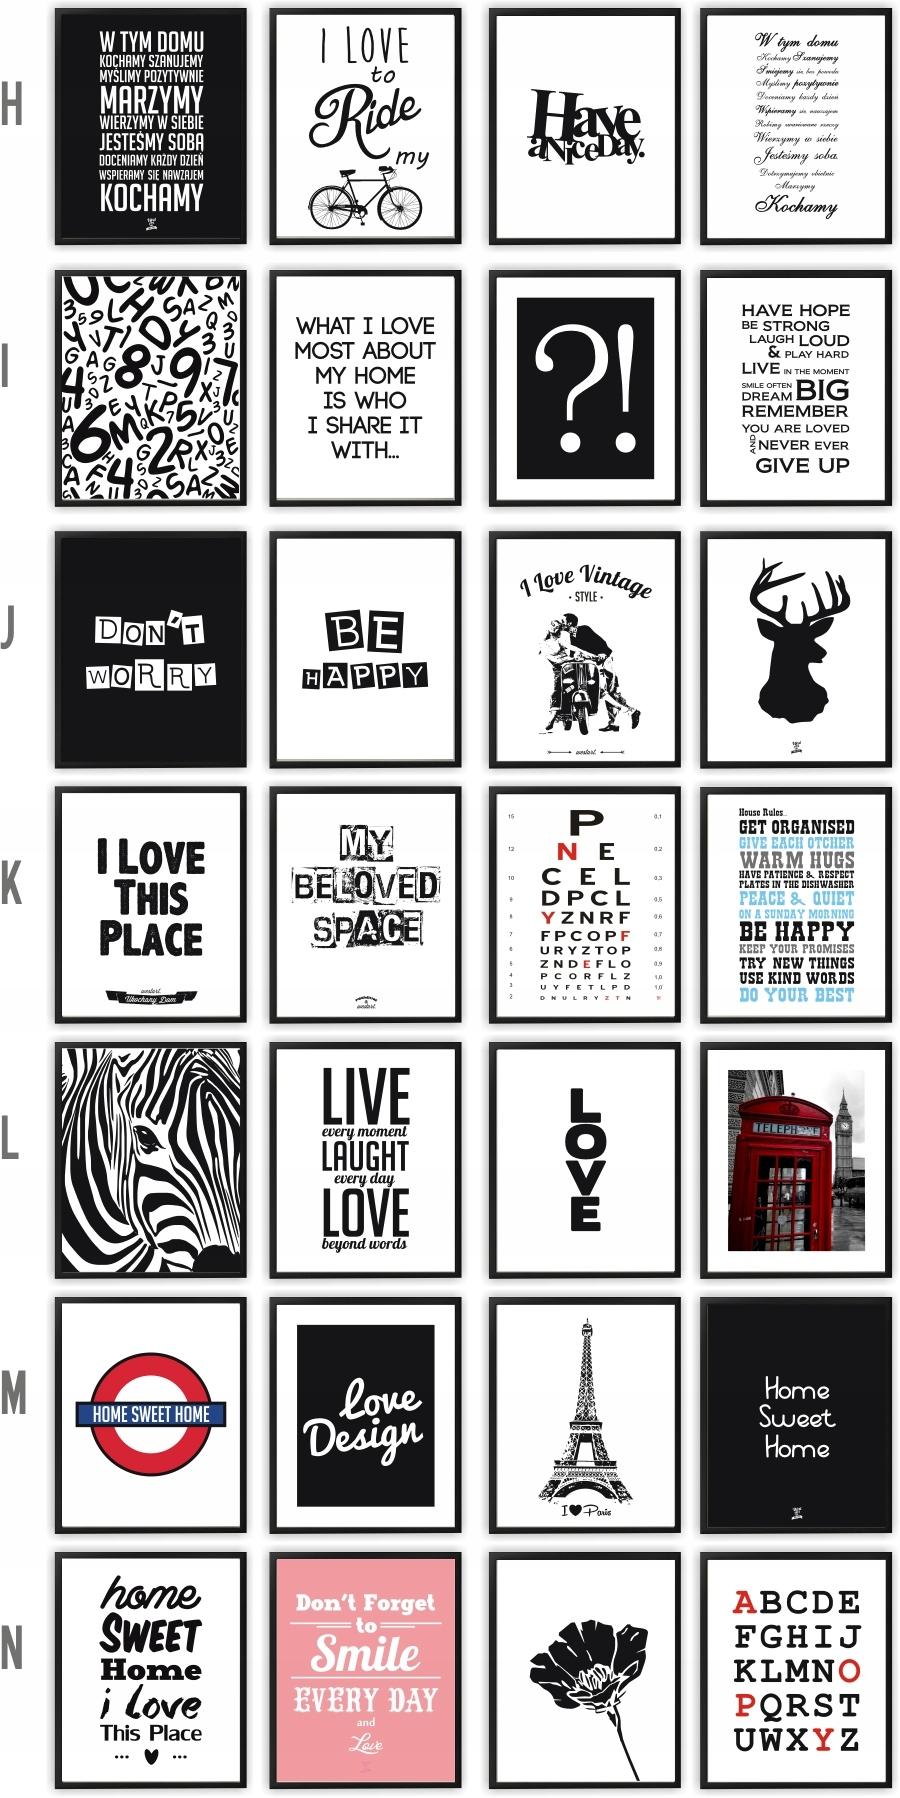 Plakaty W Ramce Plakat Ramie Z Cytatami 80 Wzorów